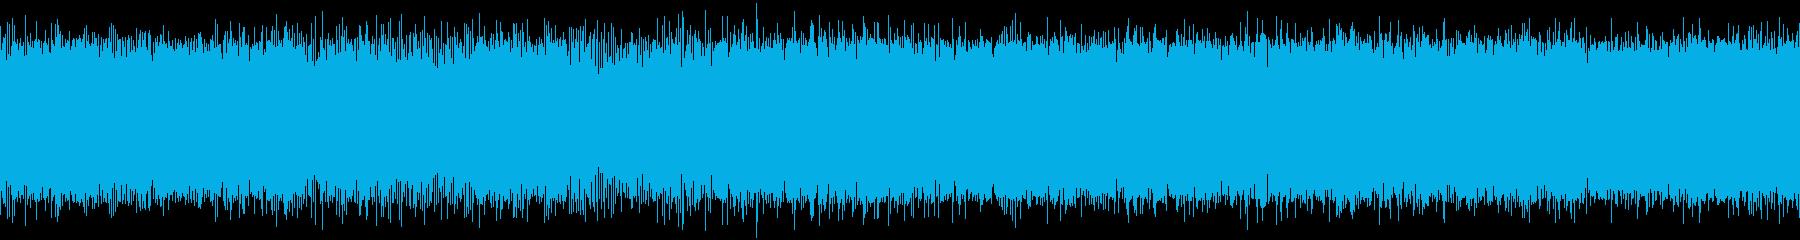 ヘリコプターの離陸音の再生済みの波形